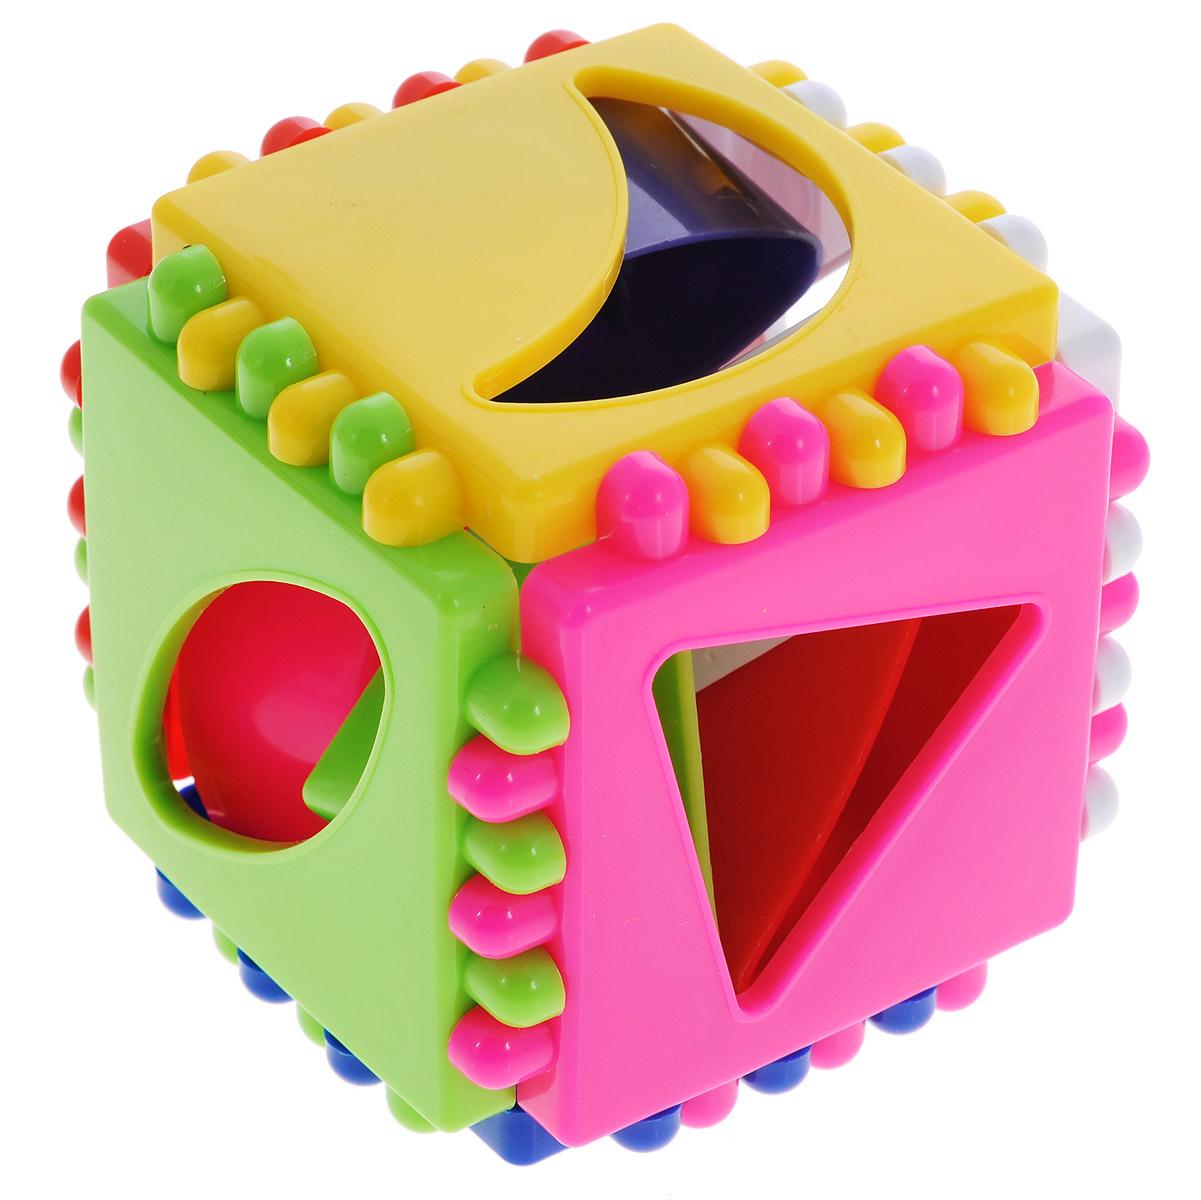 Развивающая игра-сортер Stellar Логический кубик. 0131401314Развивающая игра-сортер Stellar Логический кубик обязательно понравится вашему малышу и доставит ему много удовольствия от часов, посвященных игре с ней. Игрушка выполнена из высококачественного, безопасного пластика. Набор включает в себя кубик и 6 фигурок. Разноцветные грани кубика содержат отверстия разной формы. Каждой грани по цвету и форме отверстия соответствует определенная фигурка. Задача малыша - правильно подобрать соответствующие элементы. Логические игры вырабатывают умение узнавать и различать форму или изображение предмета, его цвет, развивают творческое и пространственное воображение, абстрактное мышление, а также учат классифицировать, обобщать и сравнивать. Порадуйте малыша такой яркой игрушкой!